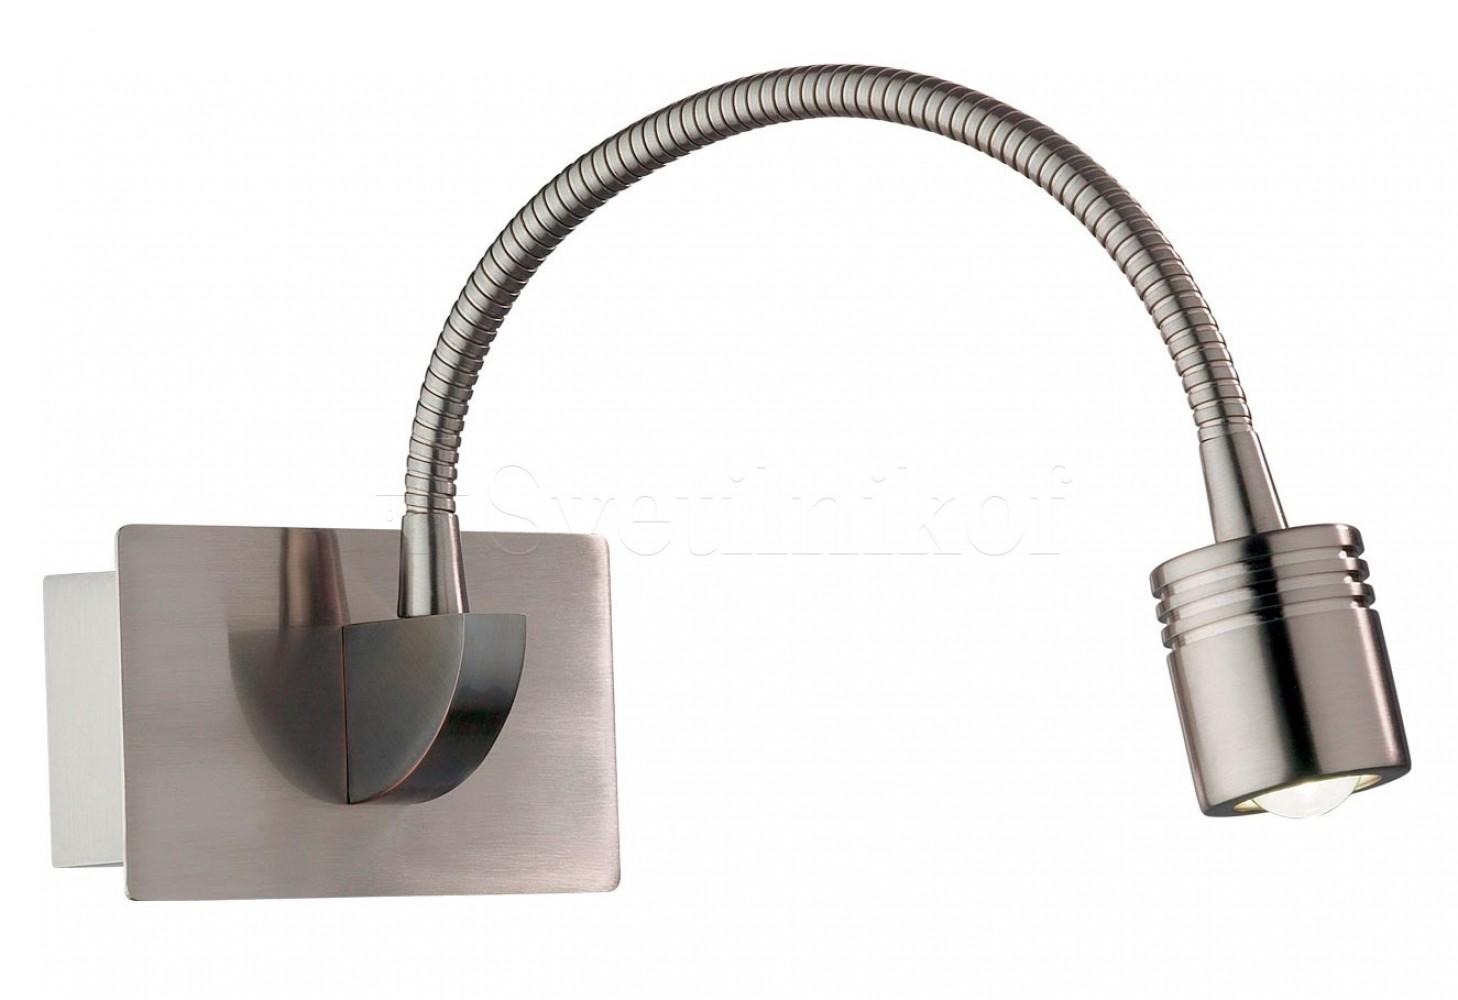 Бра dynamo ap1 nickel ideal lux 031477 купить в Киеве недорого c